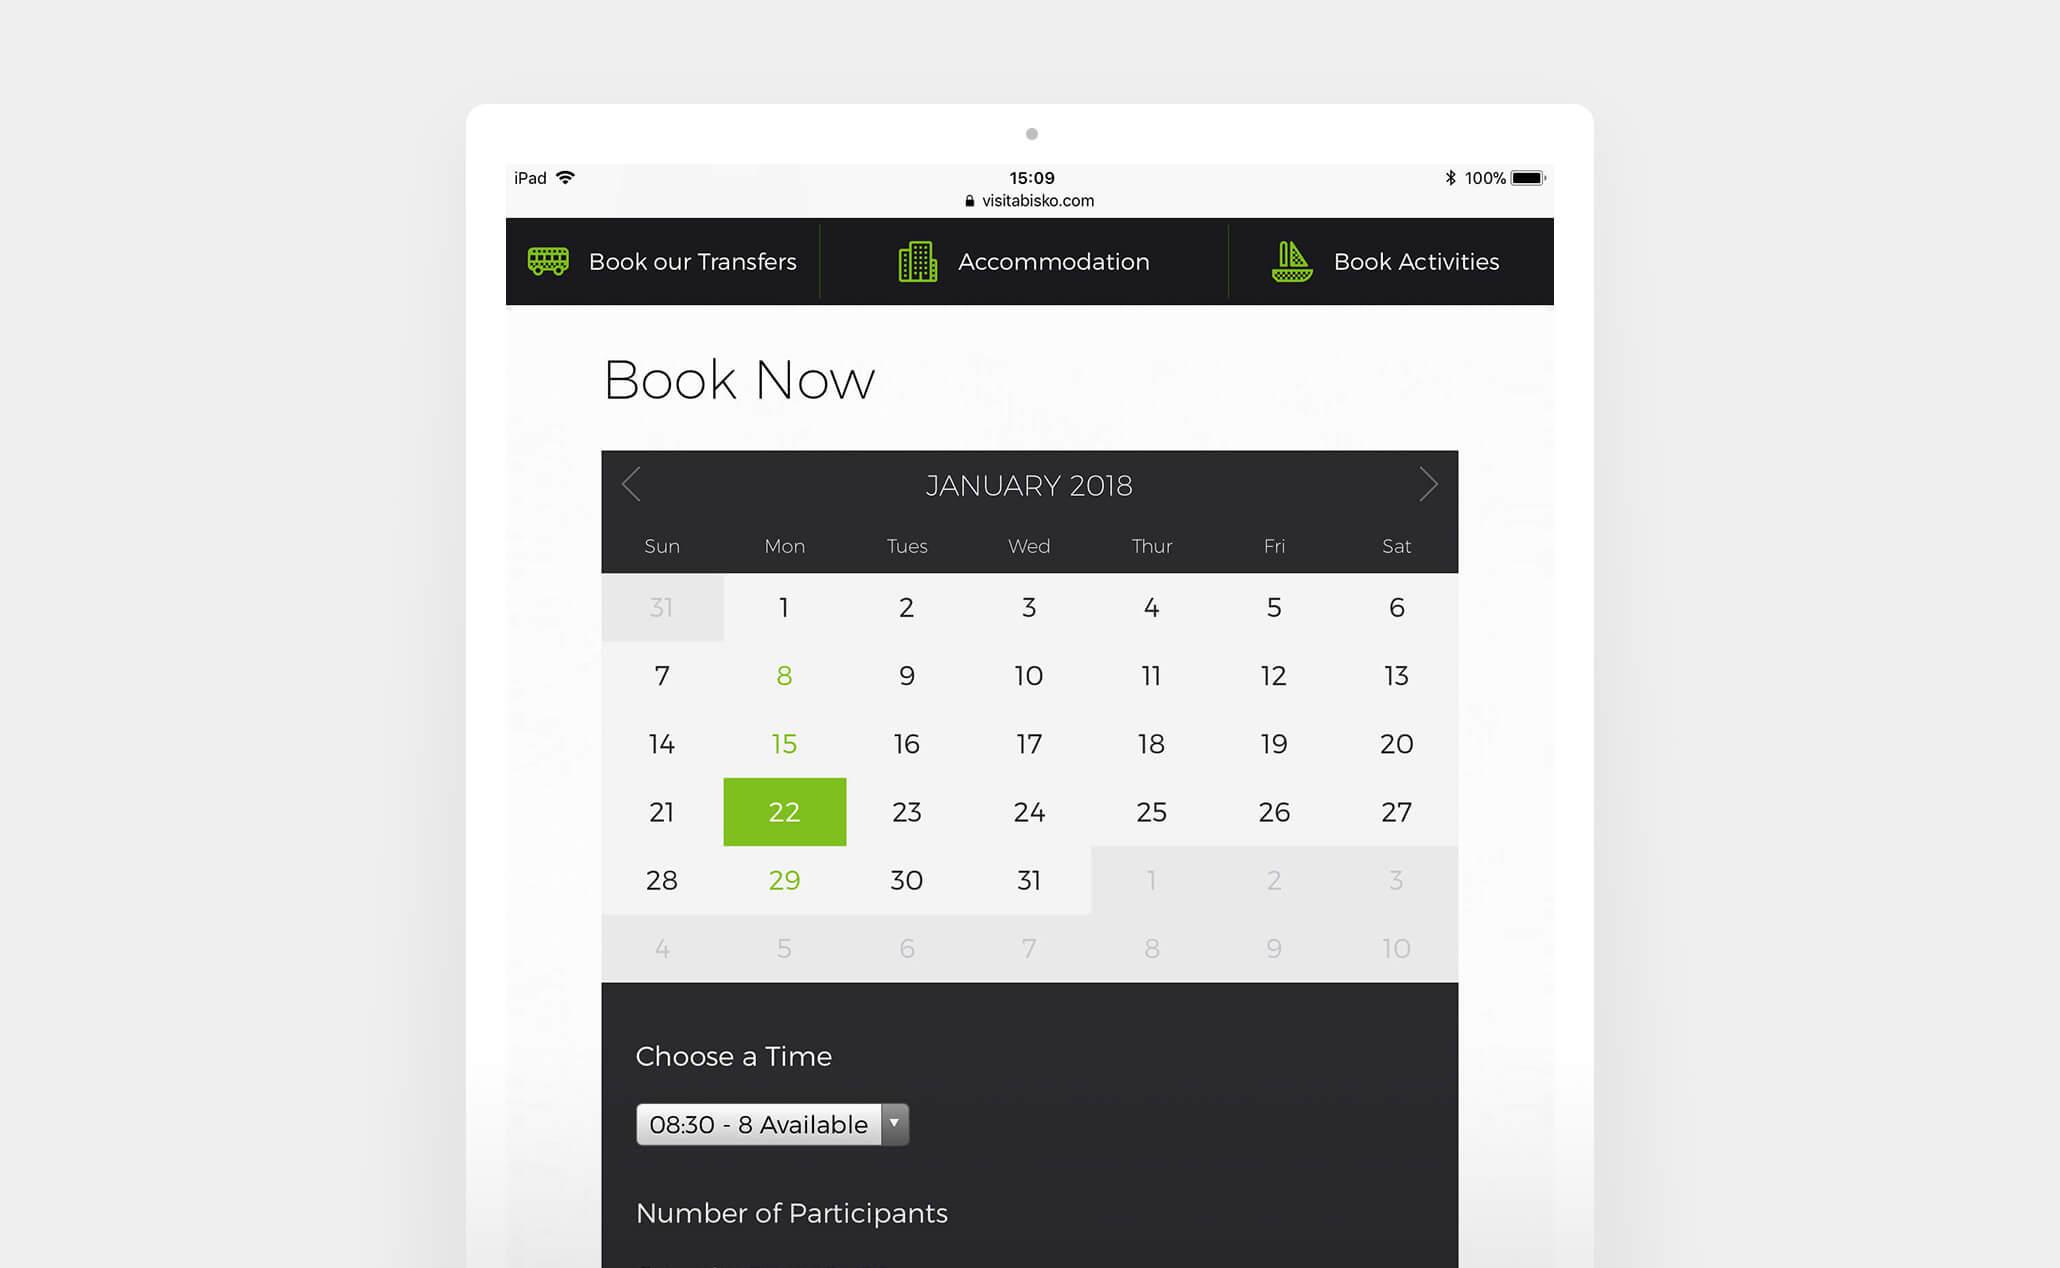 Visit Abisko website (iPad)